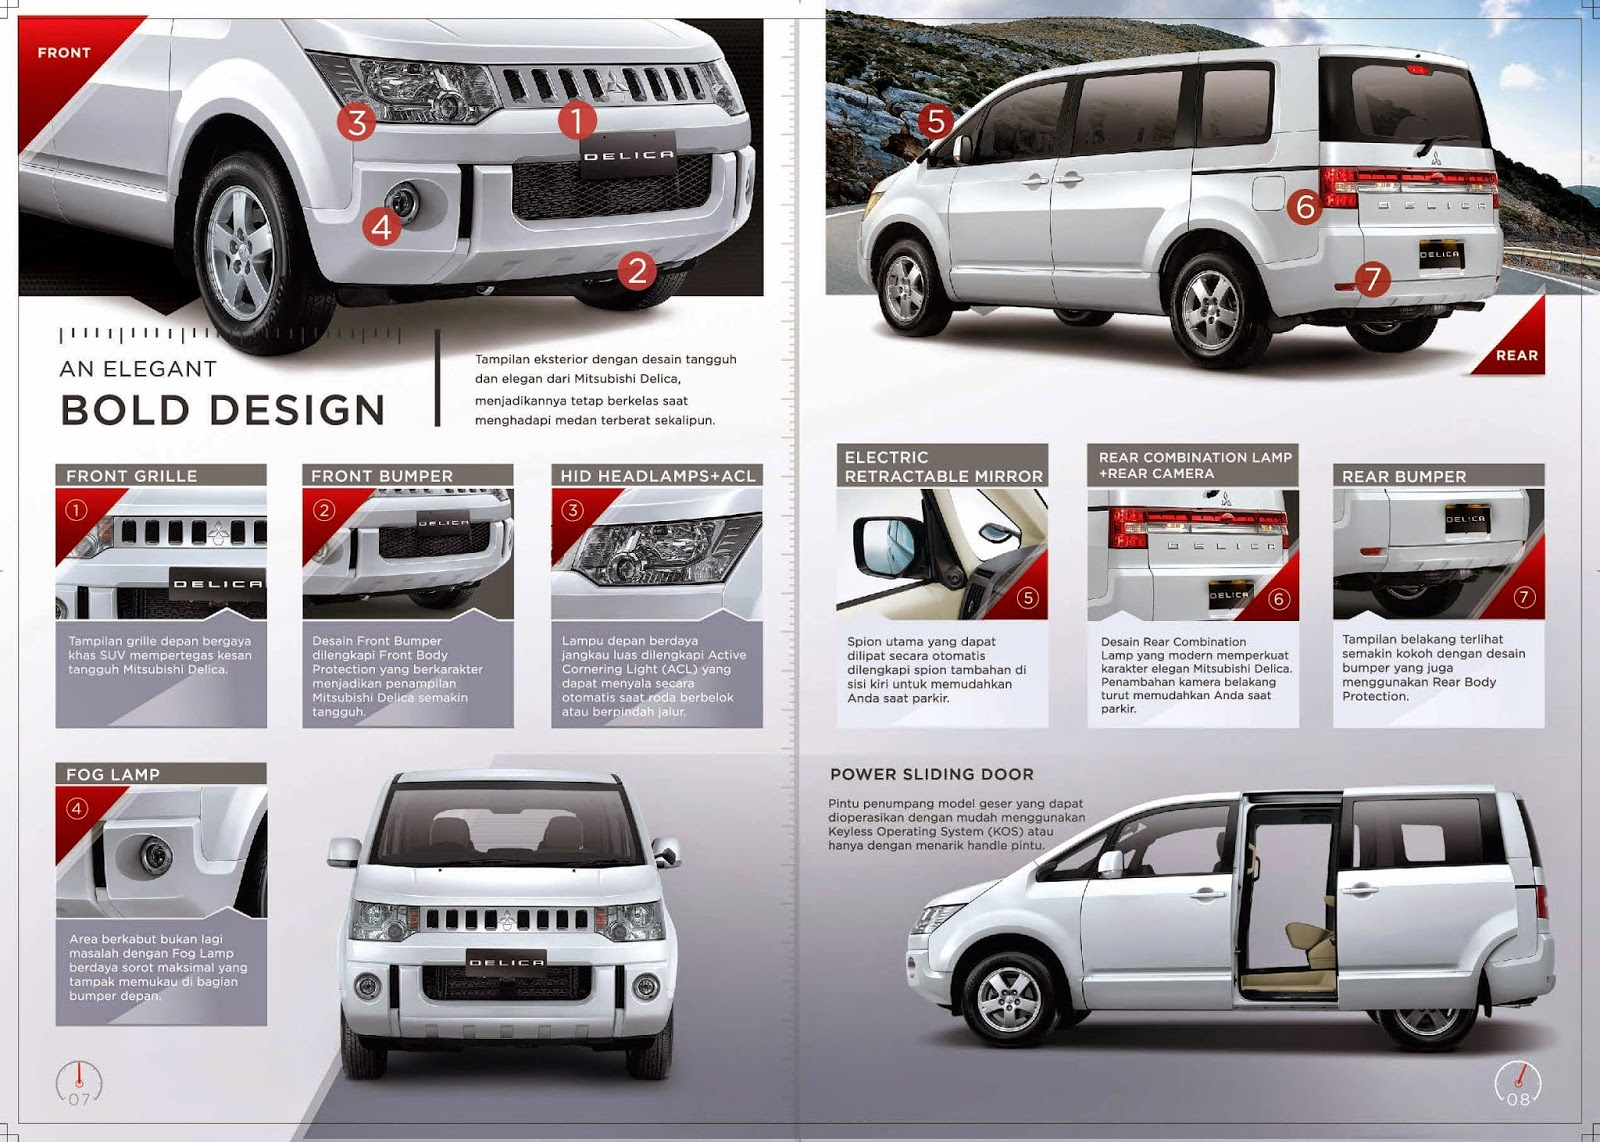 Baca juga Spesifikasi, Fitur dan Harga Mitsubishi Delica D5